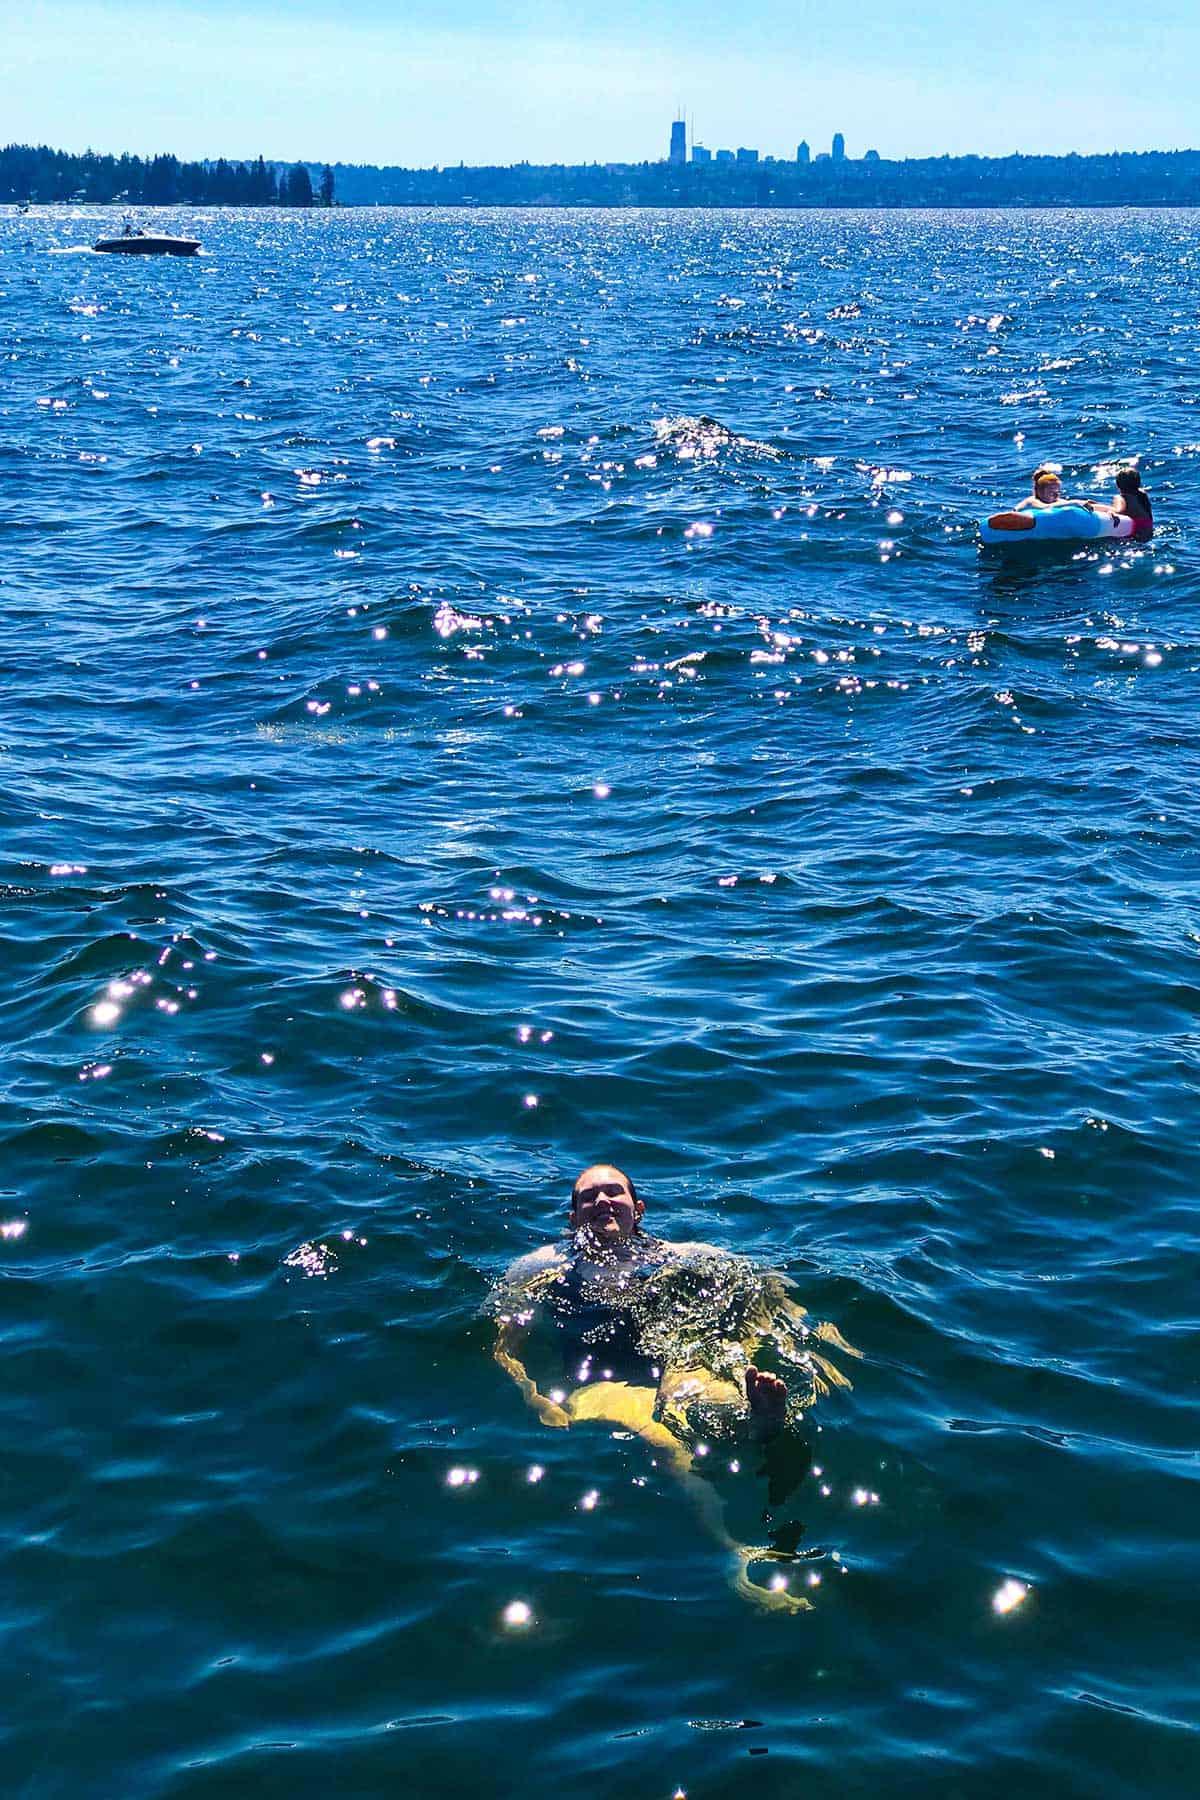 Things to Do in Kirkland, WA: Swim in Lake Washington